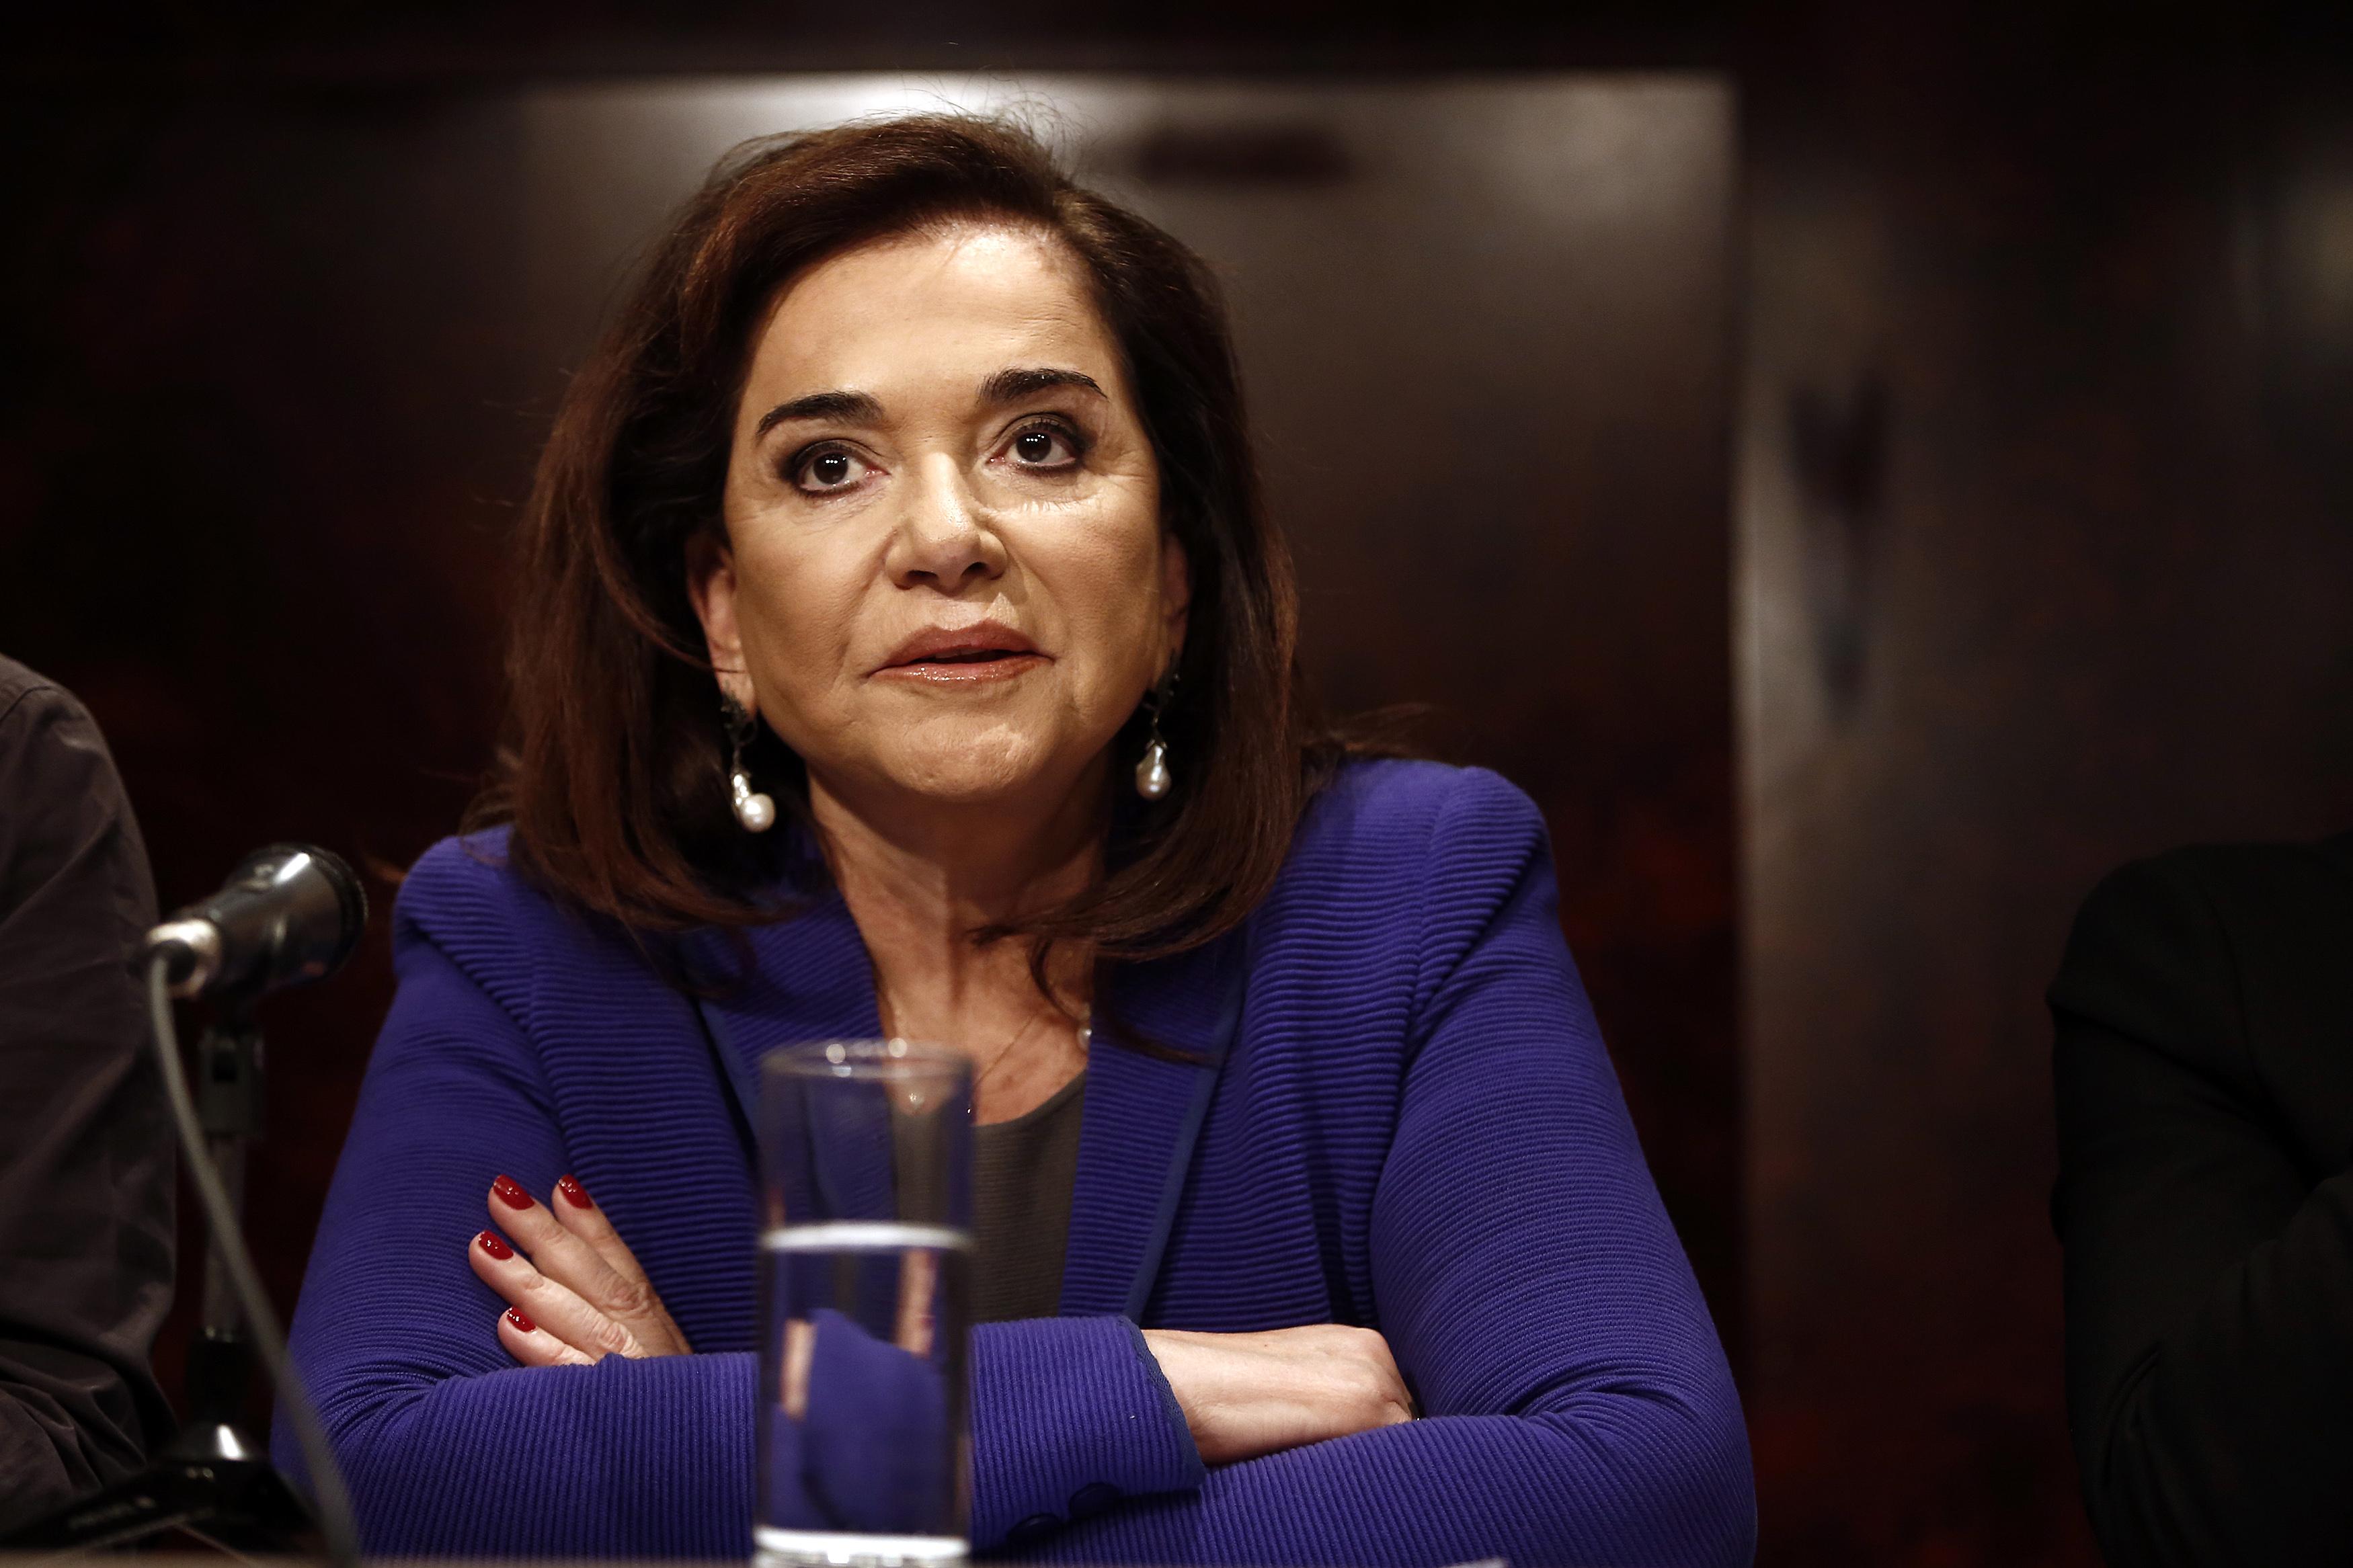 Μπακογιάννη: Η κυβέρνηση οδηγεί την Ελλάδα στην απόλυτη στασιμότητα   tovima.gr